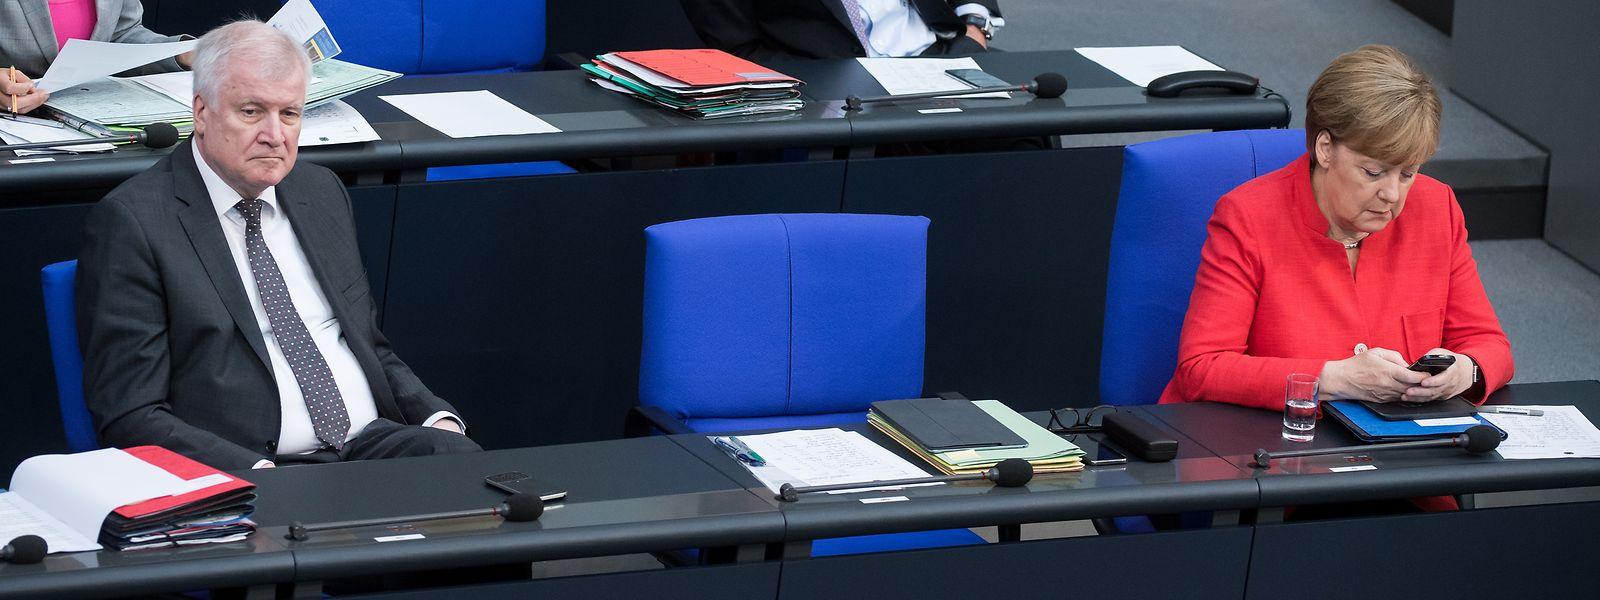 Horst Seehofer (CSU), und Bundeskanzlerin Angela Merkel (CDU) bei der Plenarsitzung im Deutschen Bundestag am 4. Juli.